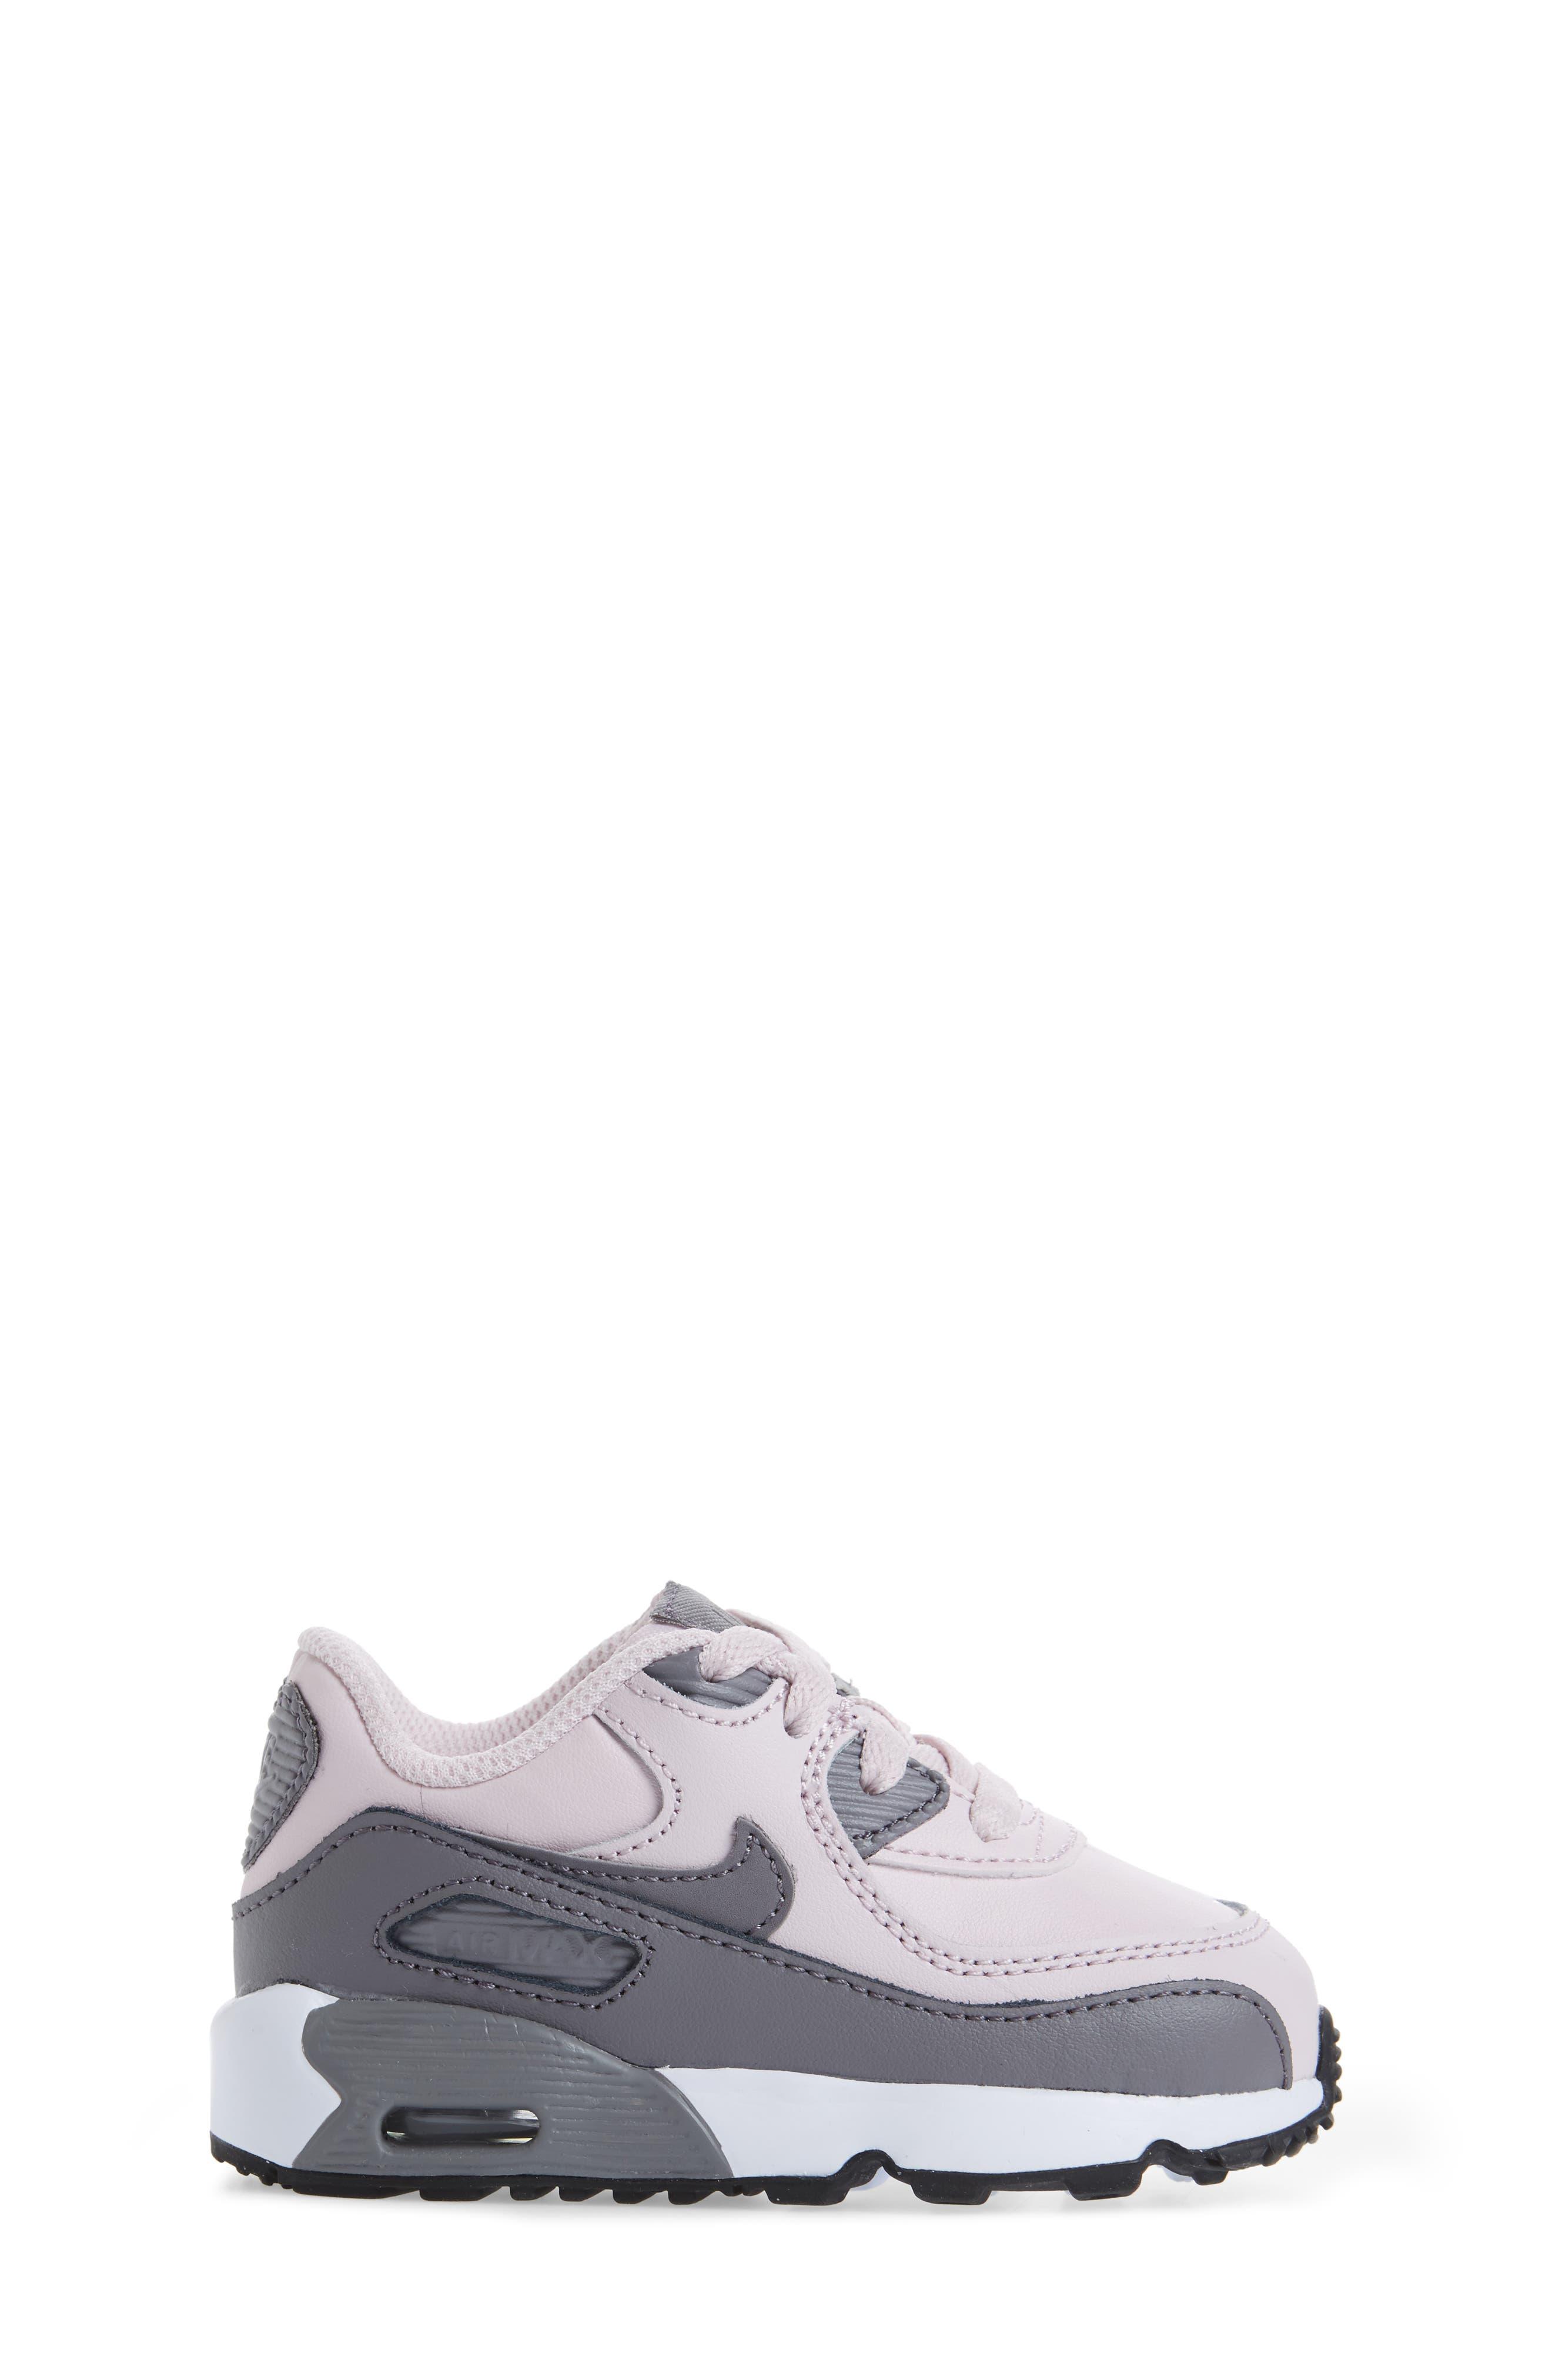 Alternate Image 3  - Nike 'Air Max 90' Sneaker (Baby, Walker, Toddler, Little Kid & Big Kid)